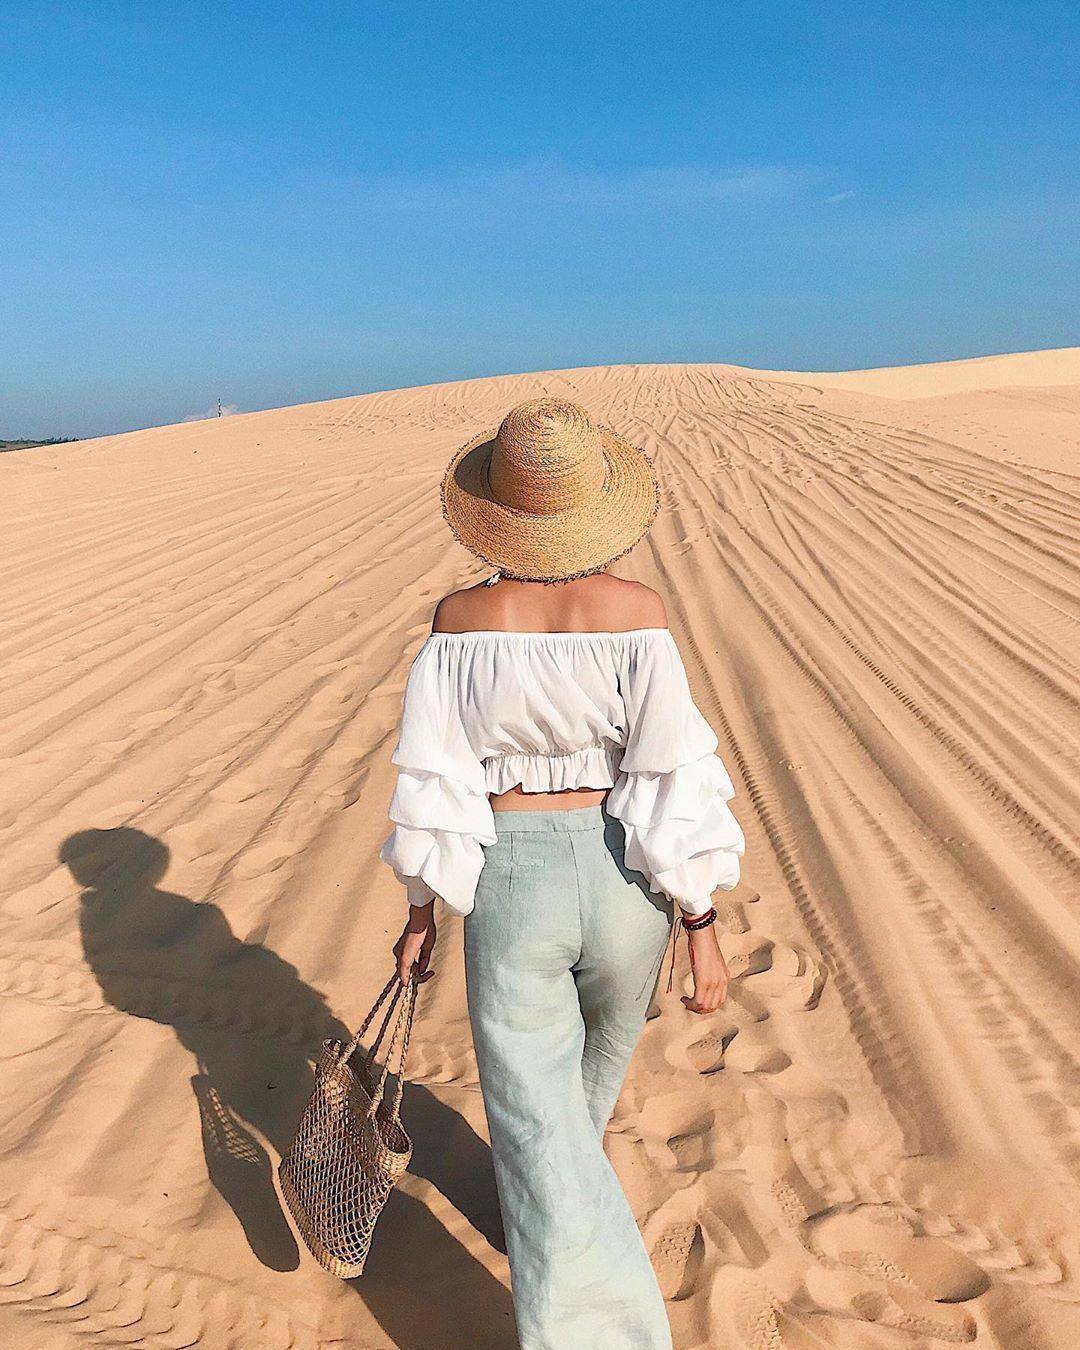 Chán biển, check-in khác đi ở 6 tiểu sa mạc trong nước hè này Ảnh 3